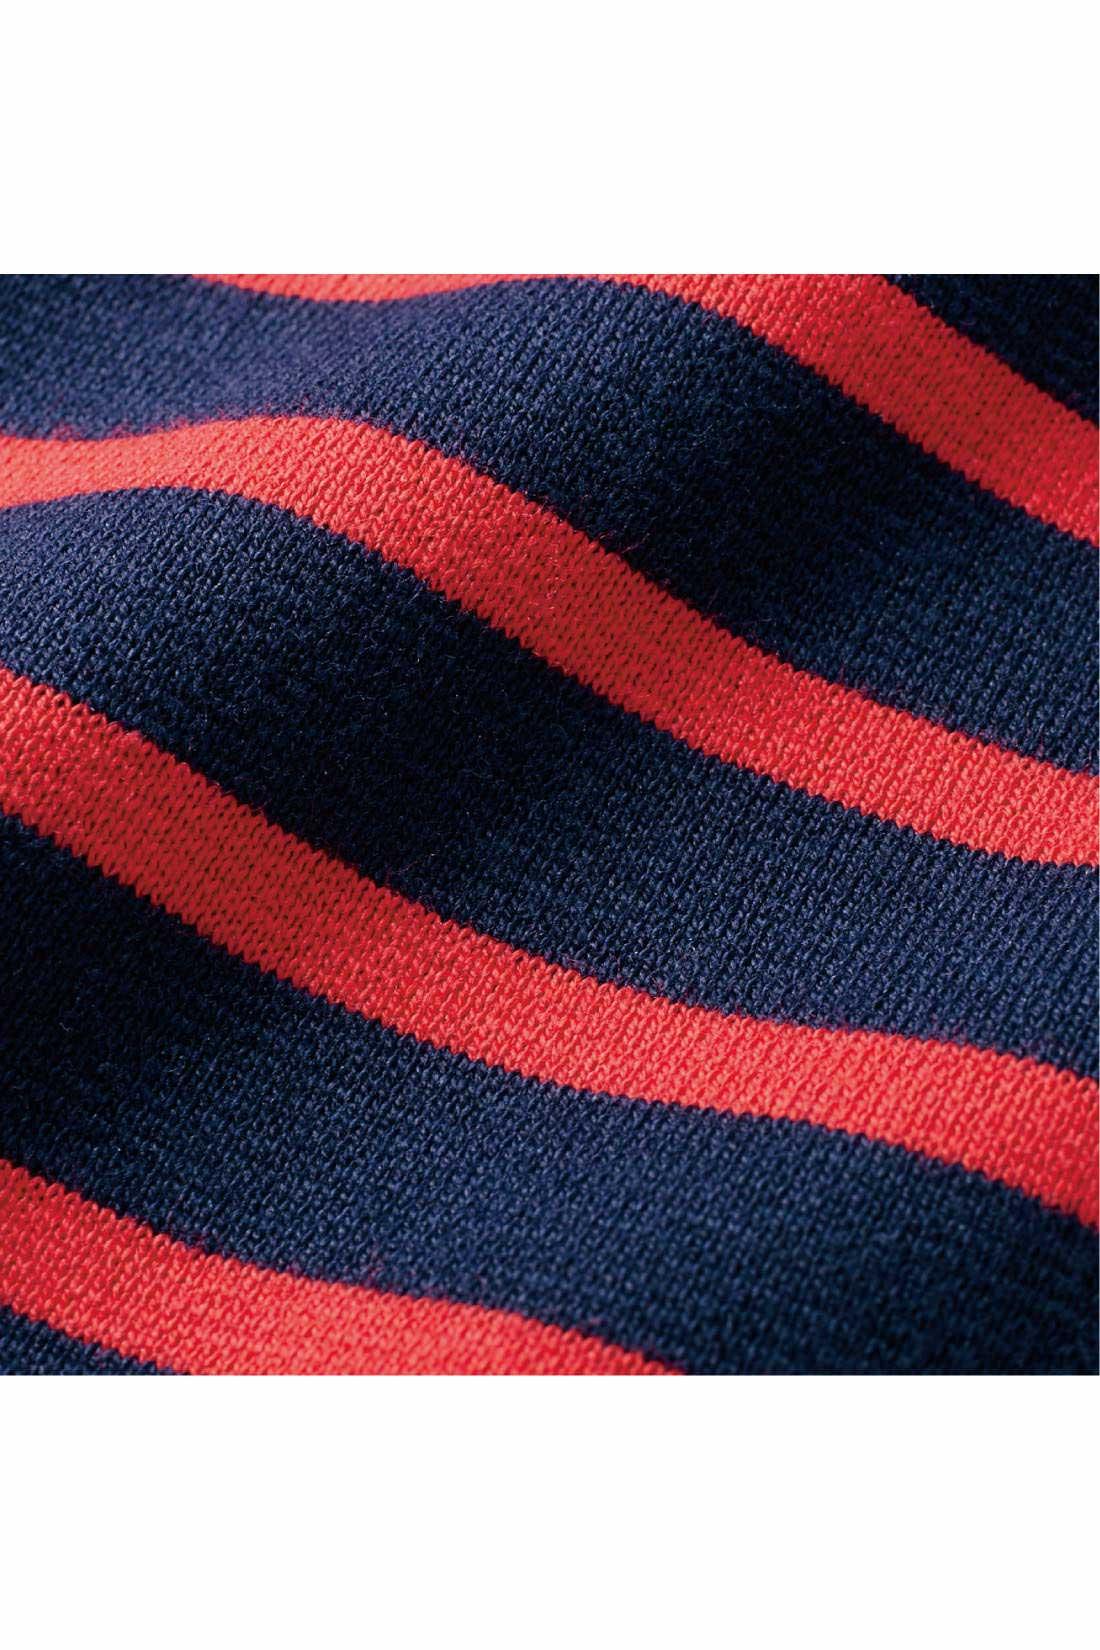 やや厚手でしっかりした編み組織のミラノリブ。セミシルケット加工で、ほどよい光沢感と張りをプラス。